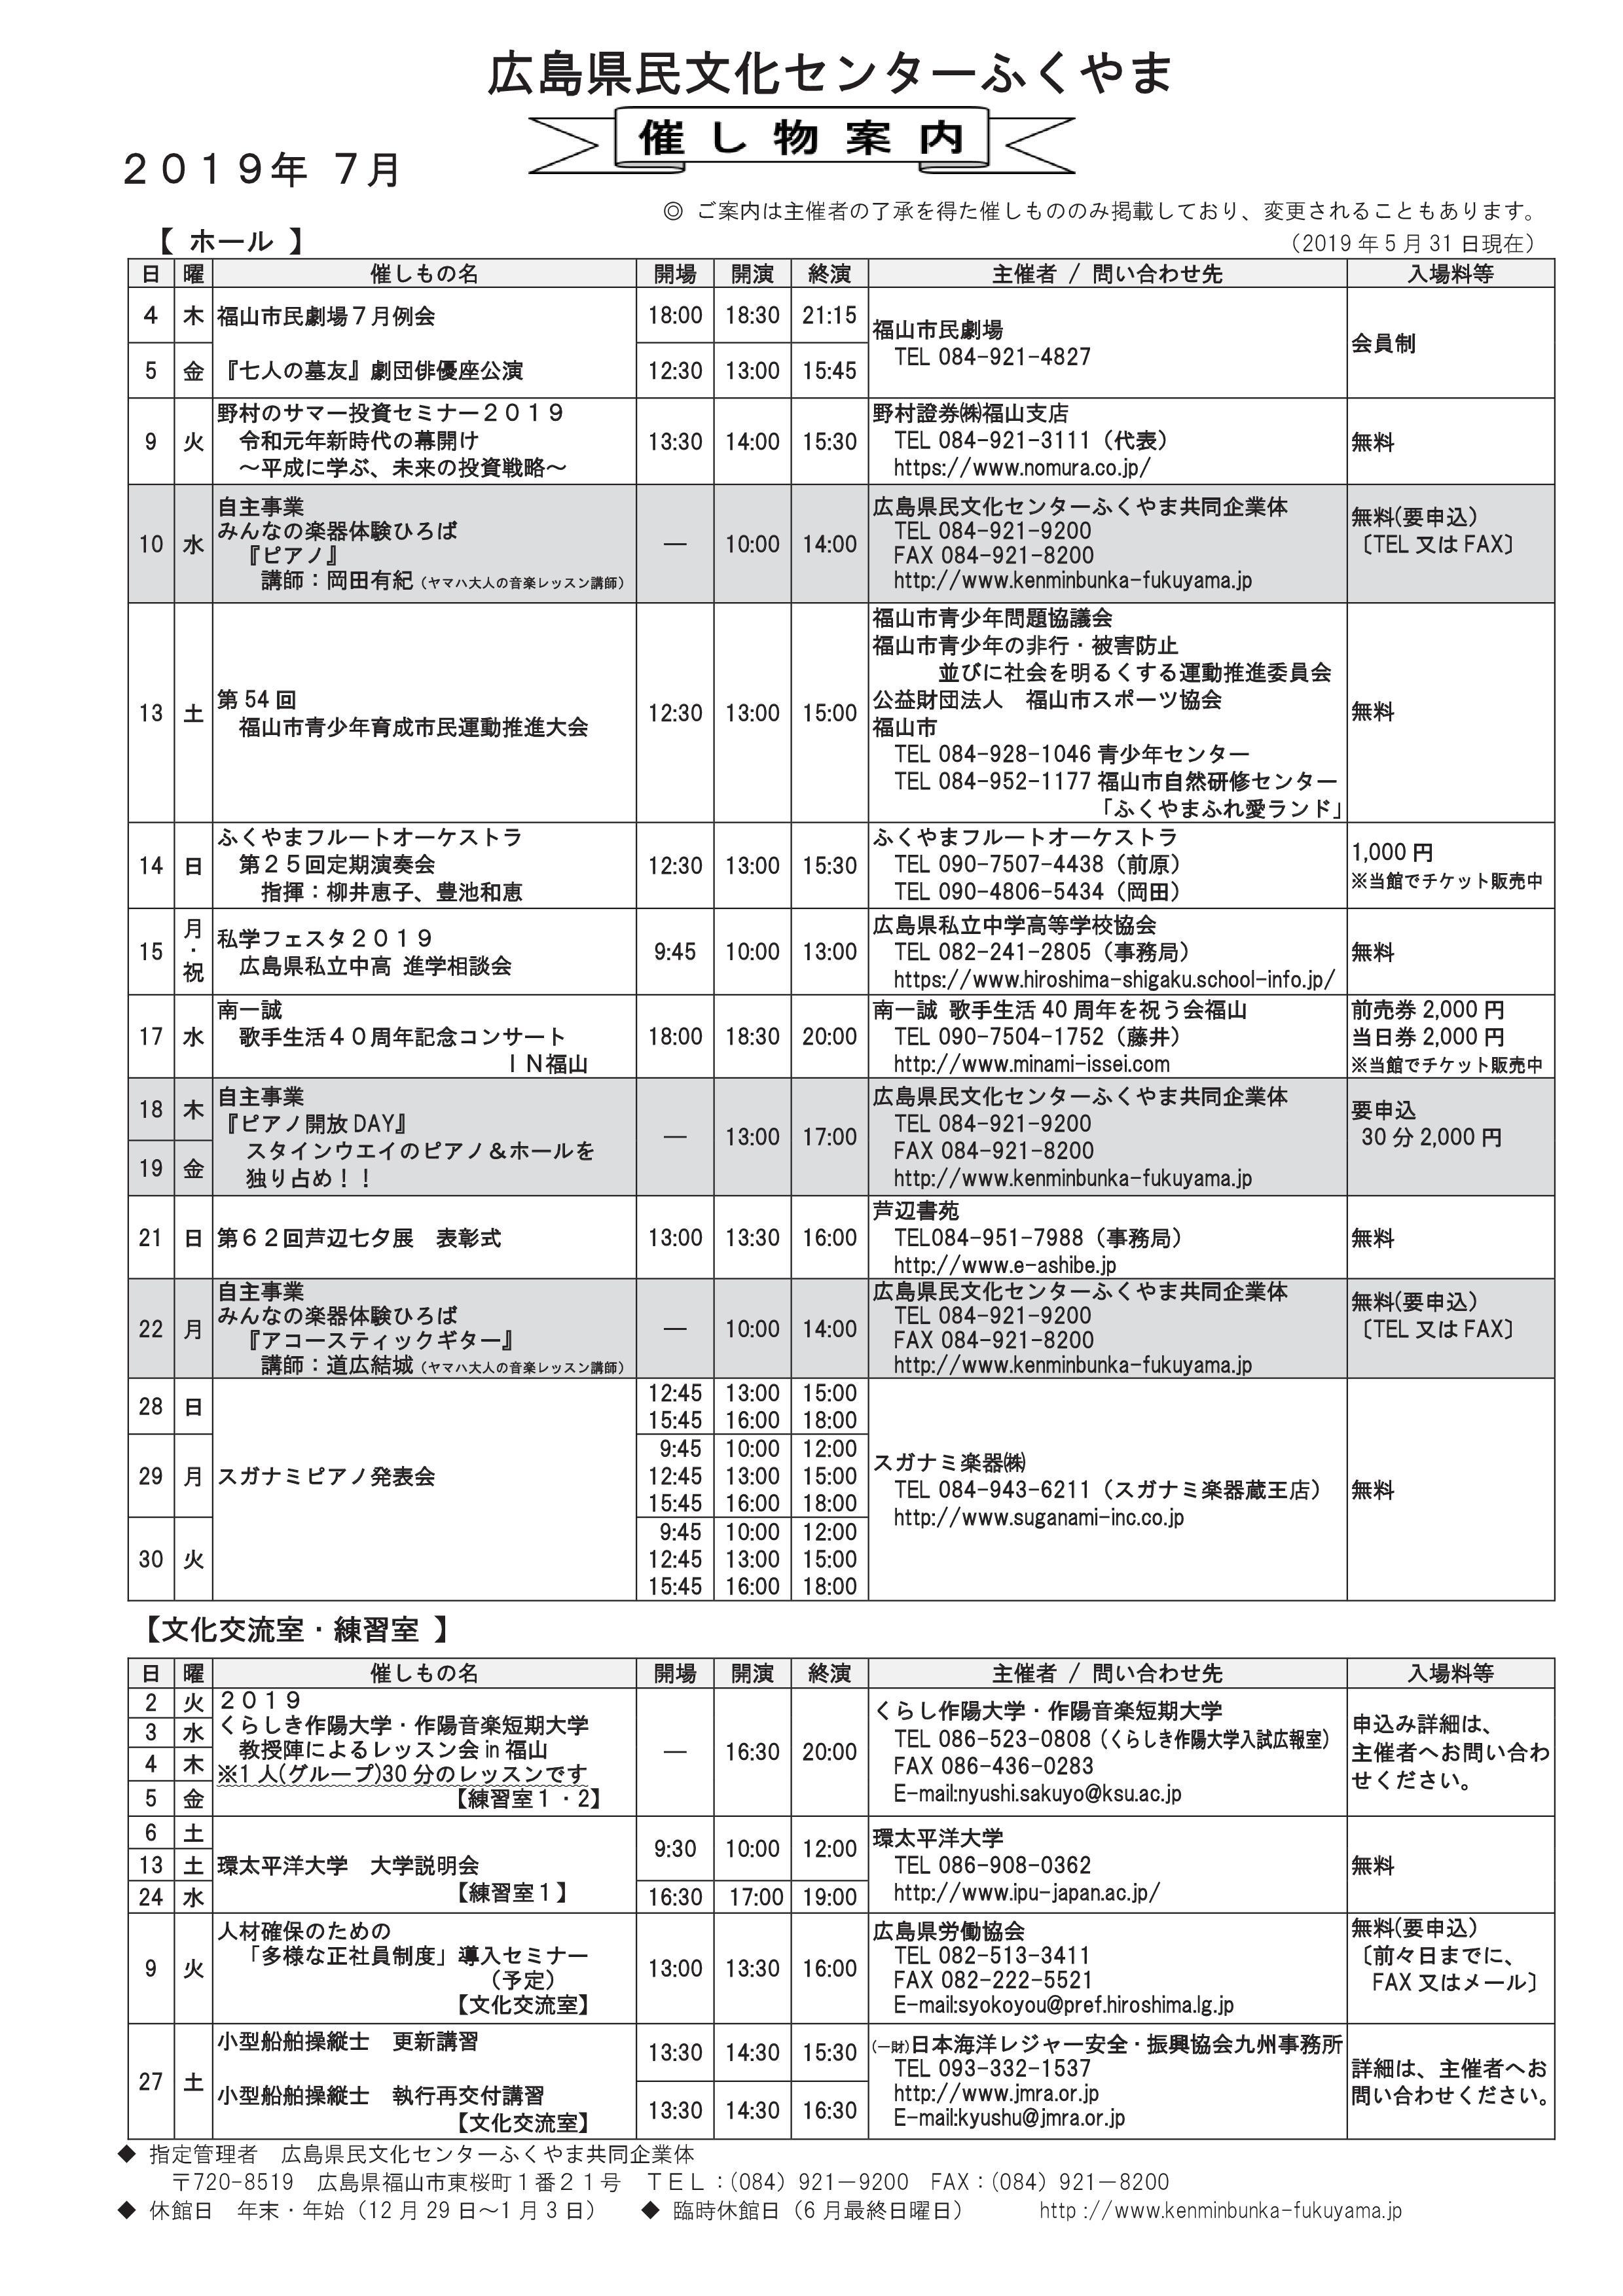 2019年7月(5.31改)